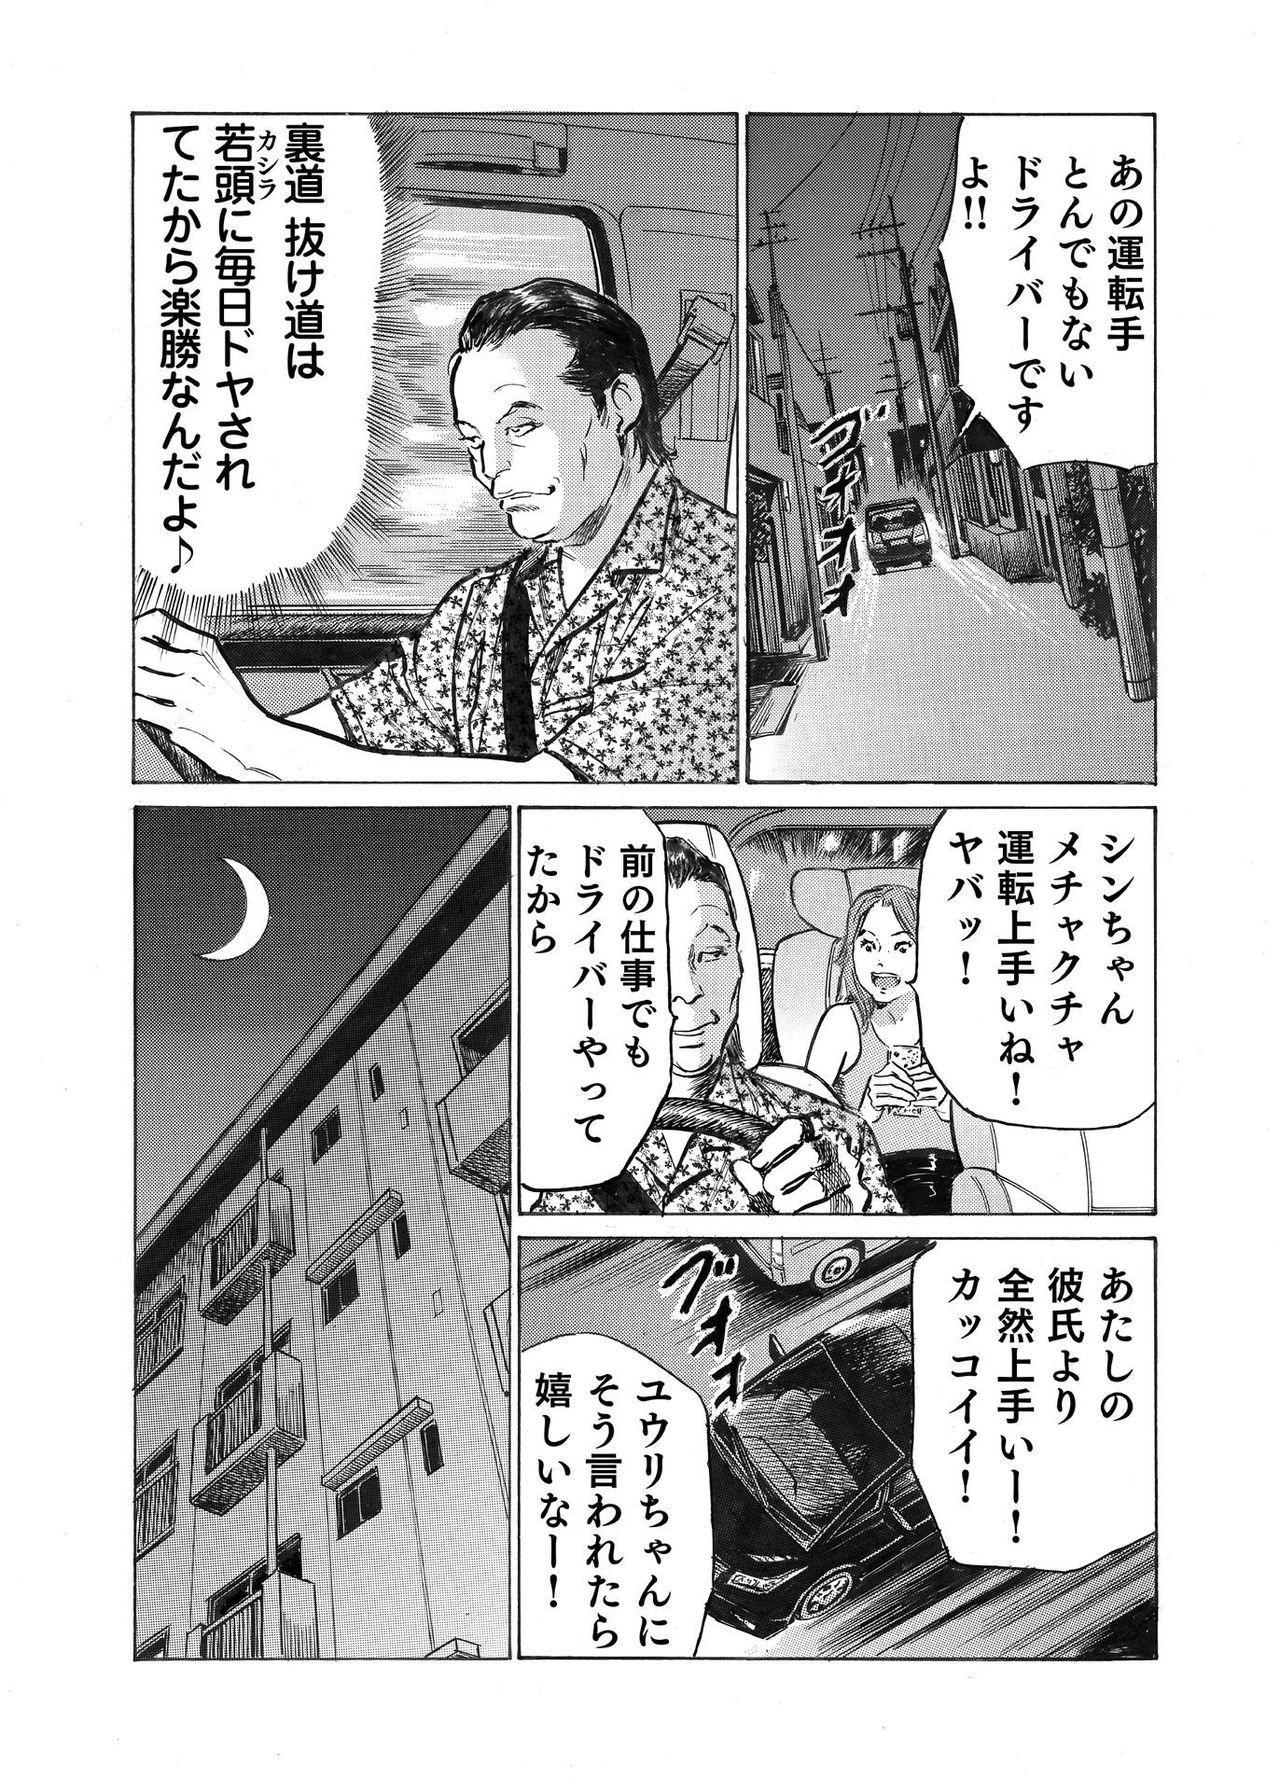 Ore wa Tsuma no Koto o Yoku Shiranai 1-9 210